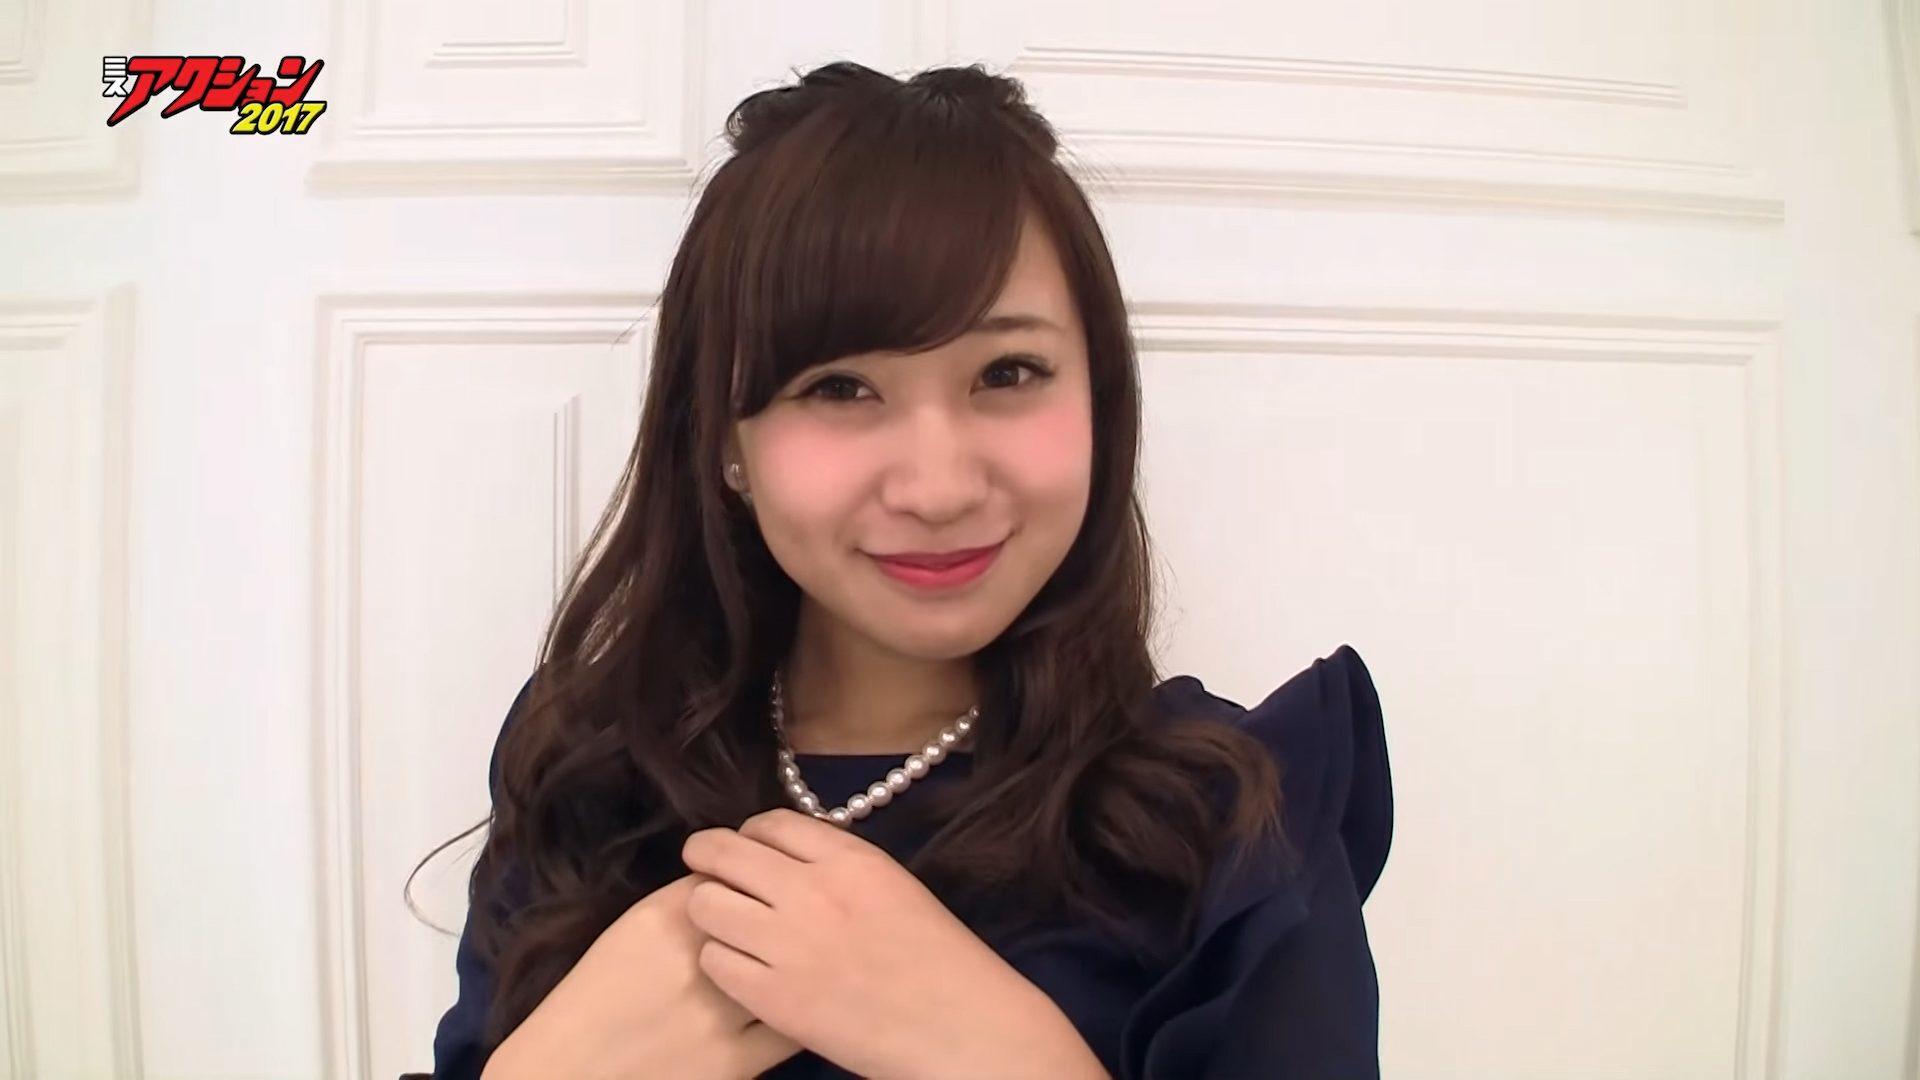 【立川楓】-カップ ミスアクション2017前期!準グランプリ!